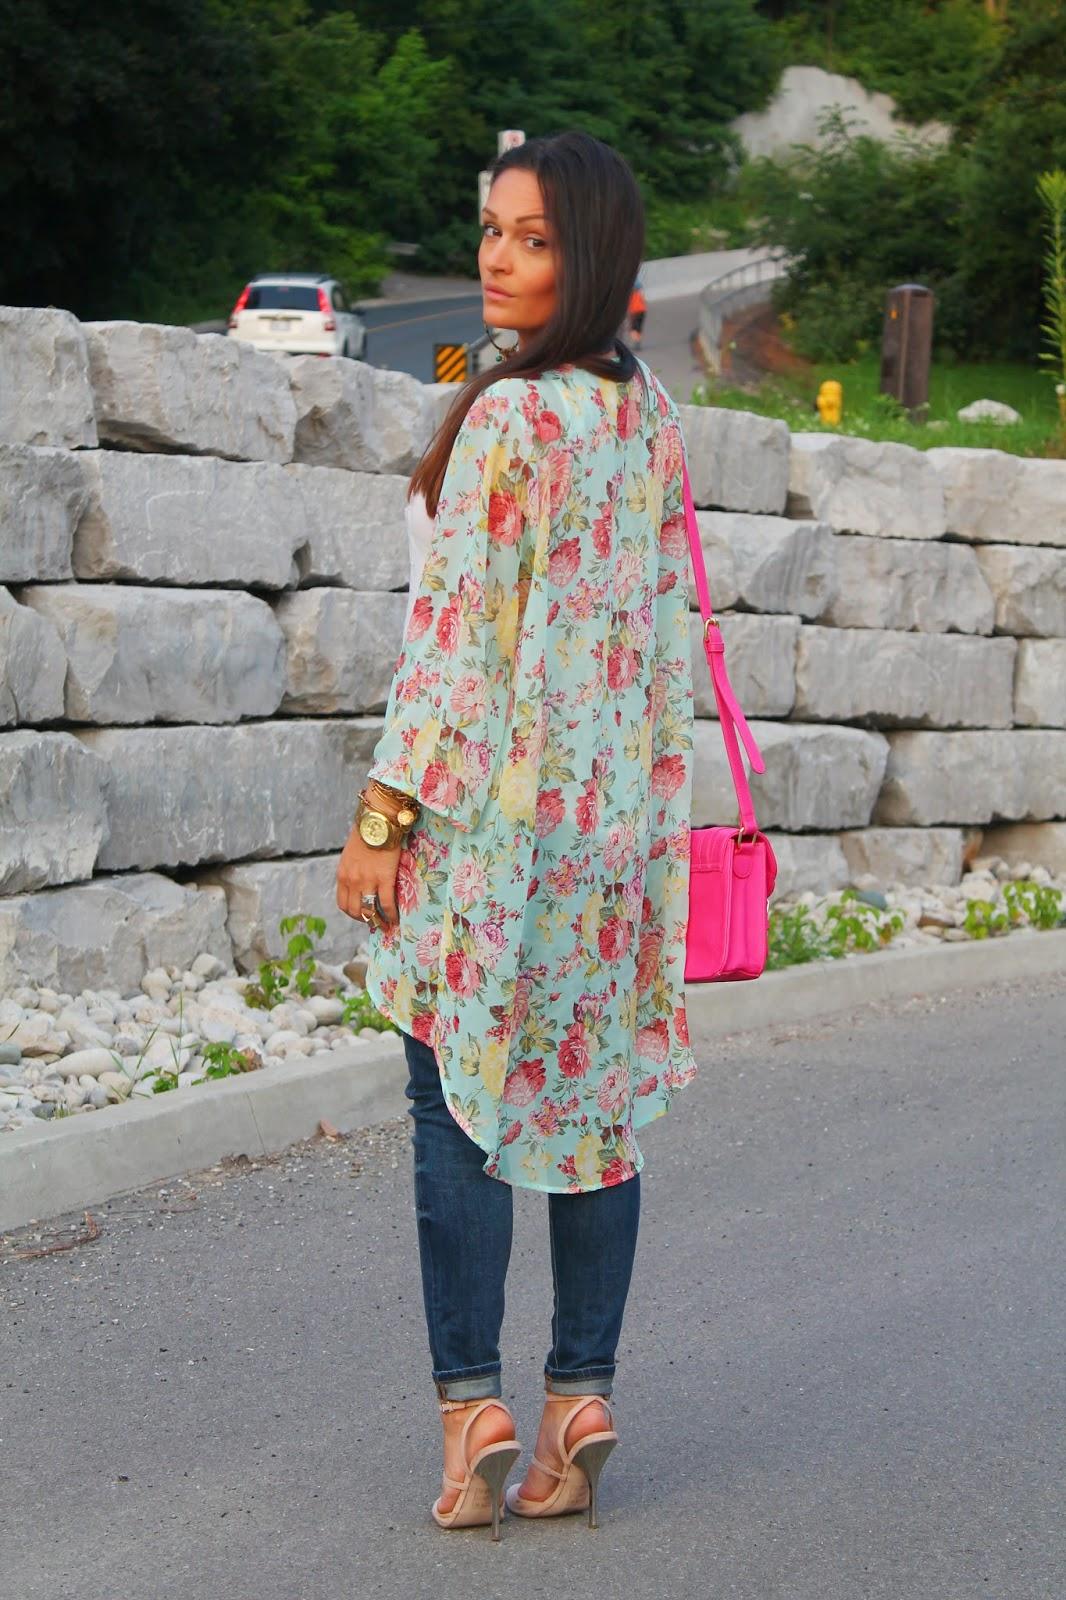 Floral kimono, ways to style a kimono, boho inspired outfit, ripped jeans zara, blogerke, floral print, canandian fashion bloger, toronto street style